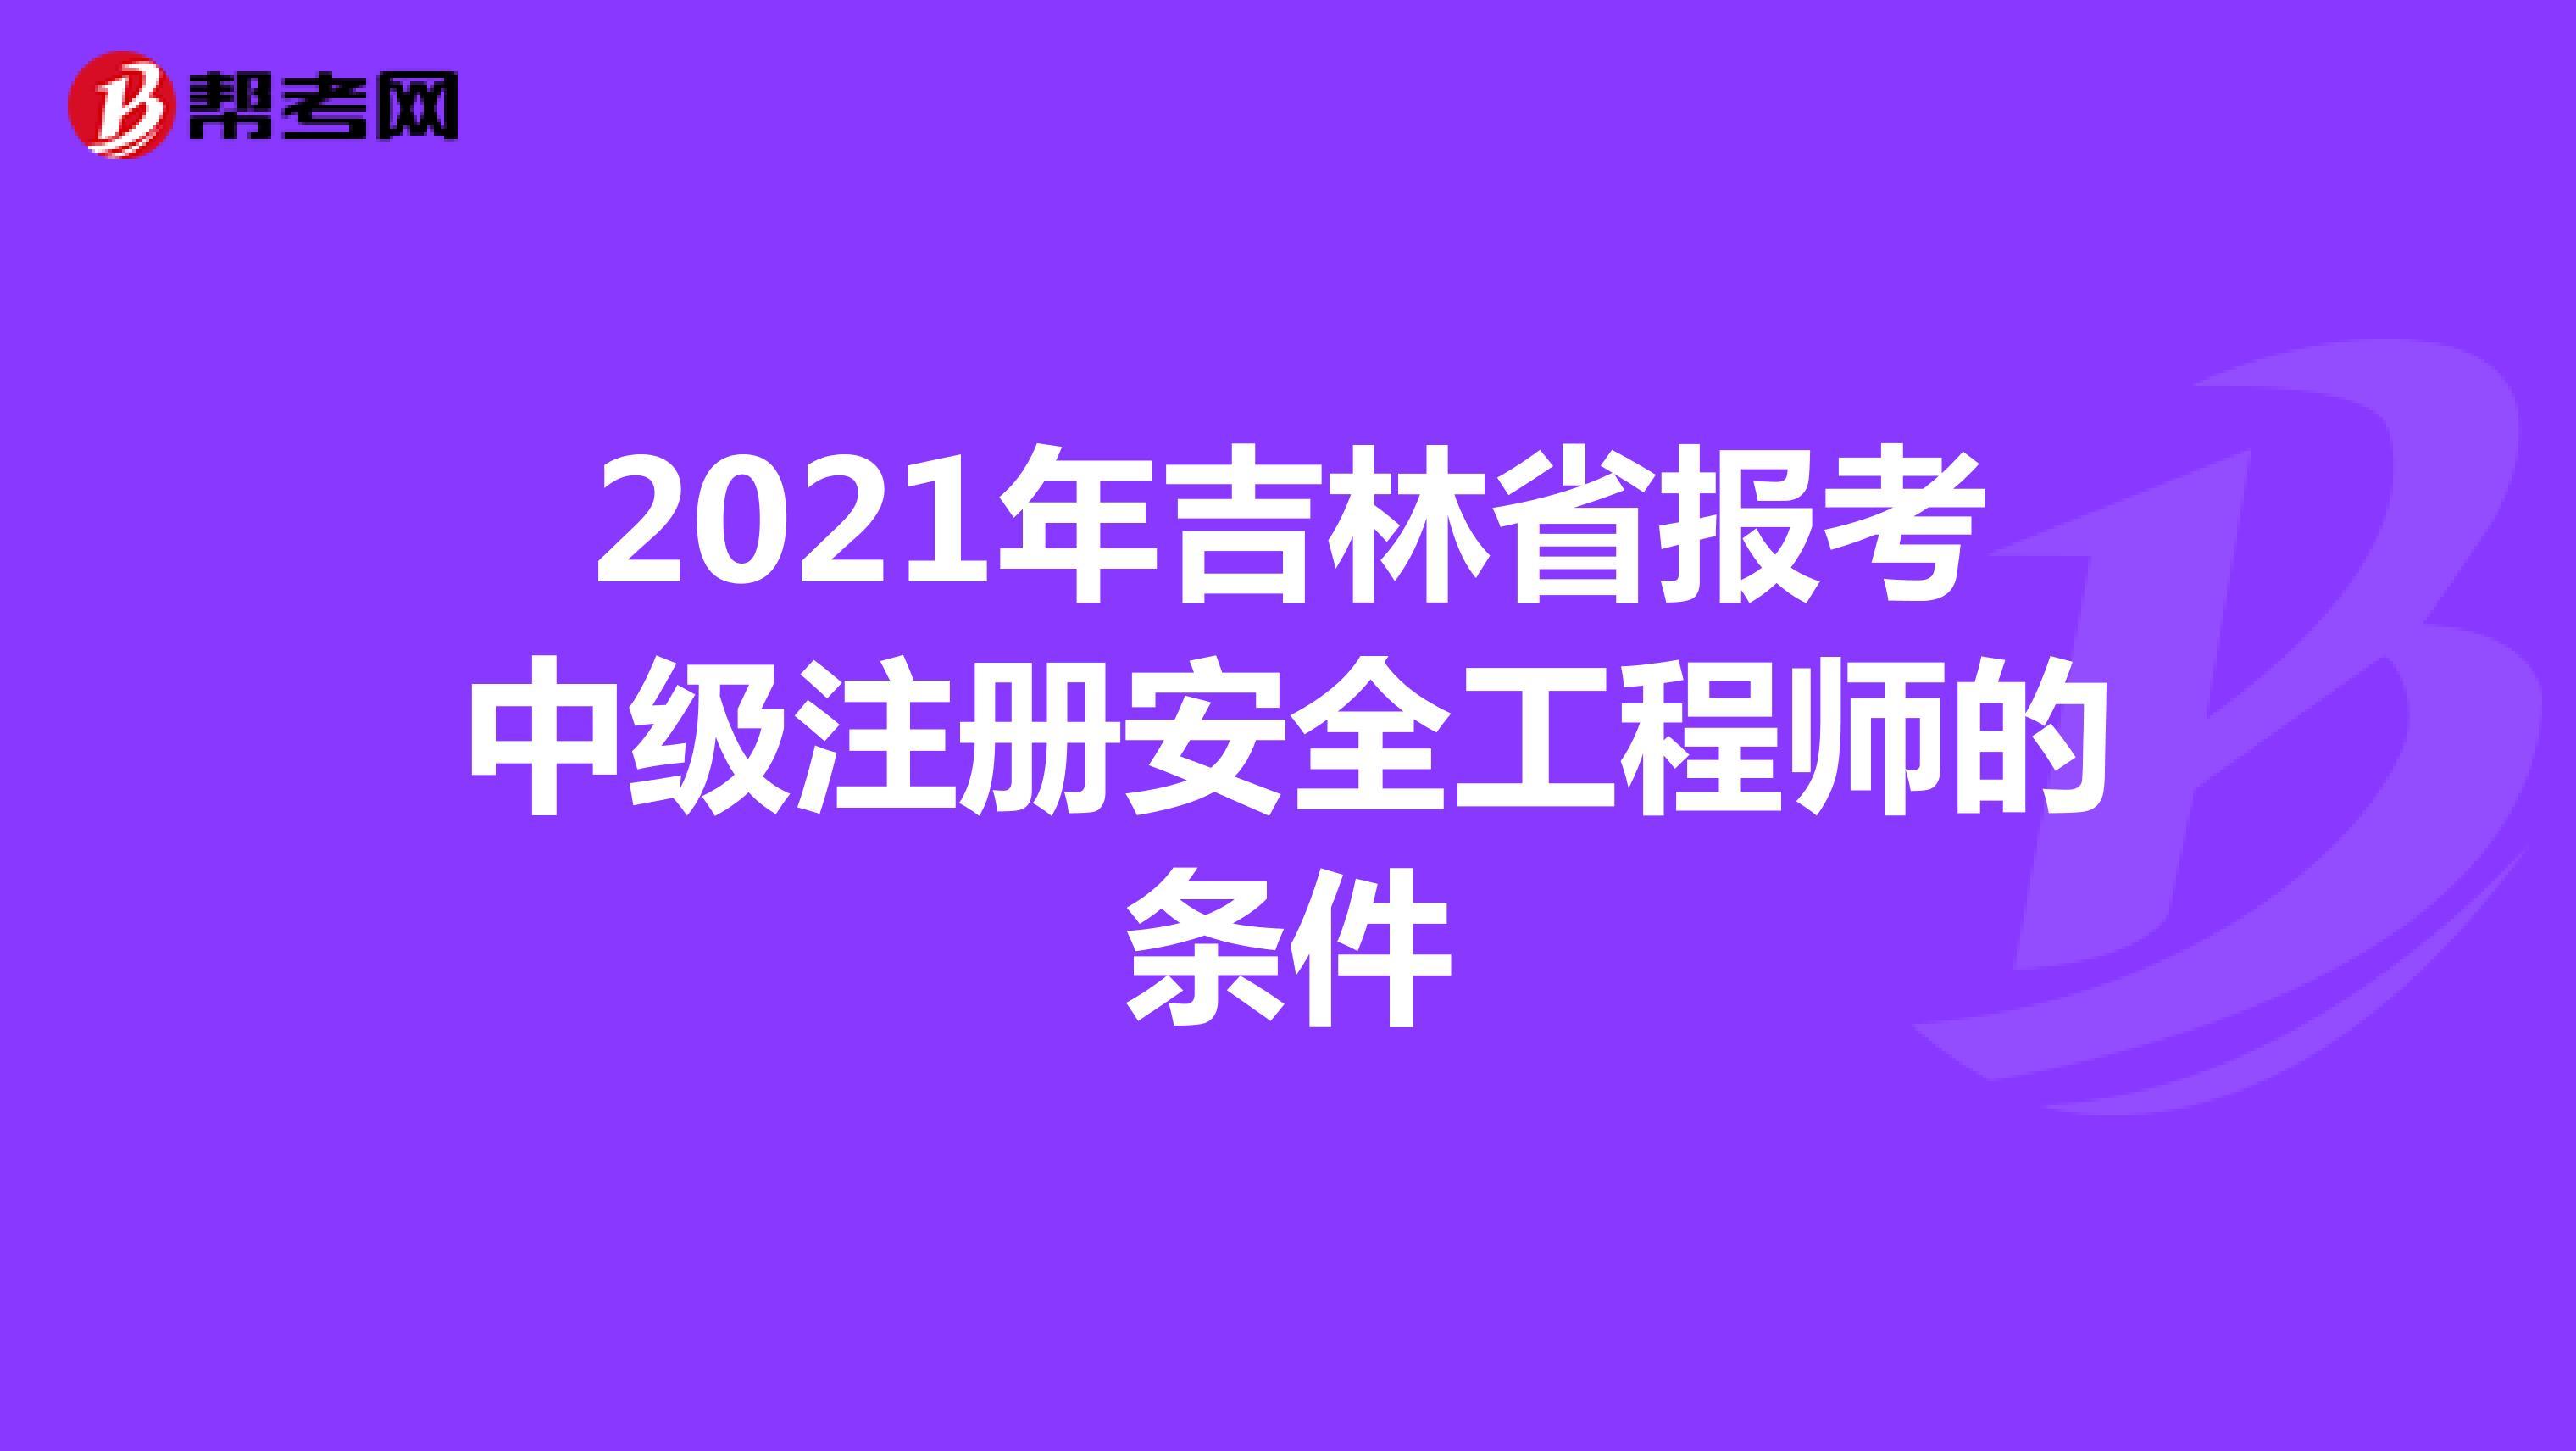 2021年吉林省报考中级注册安全工程师的条件